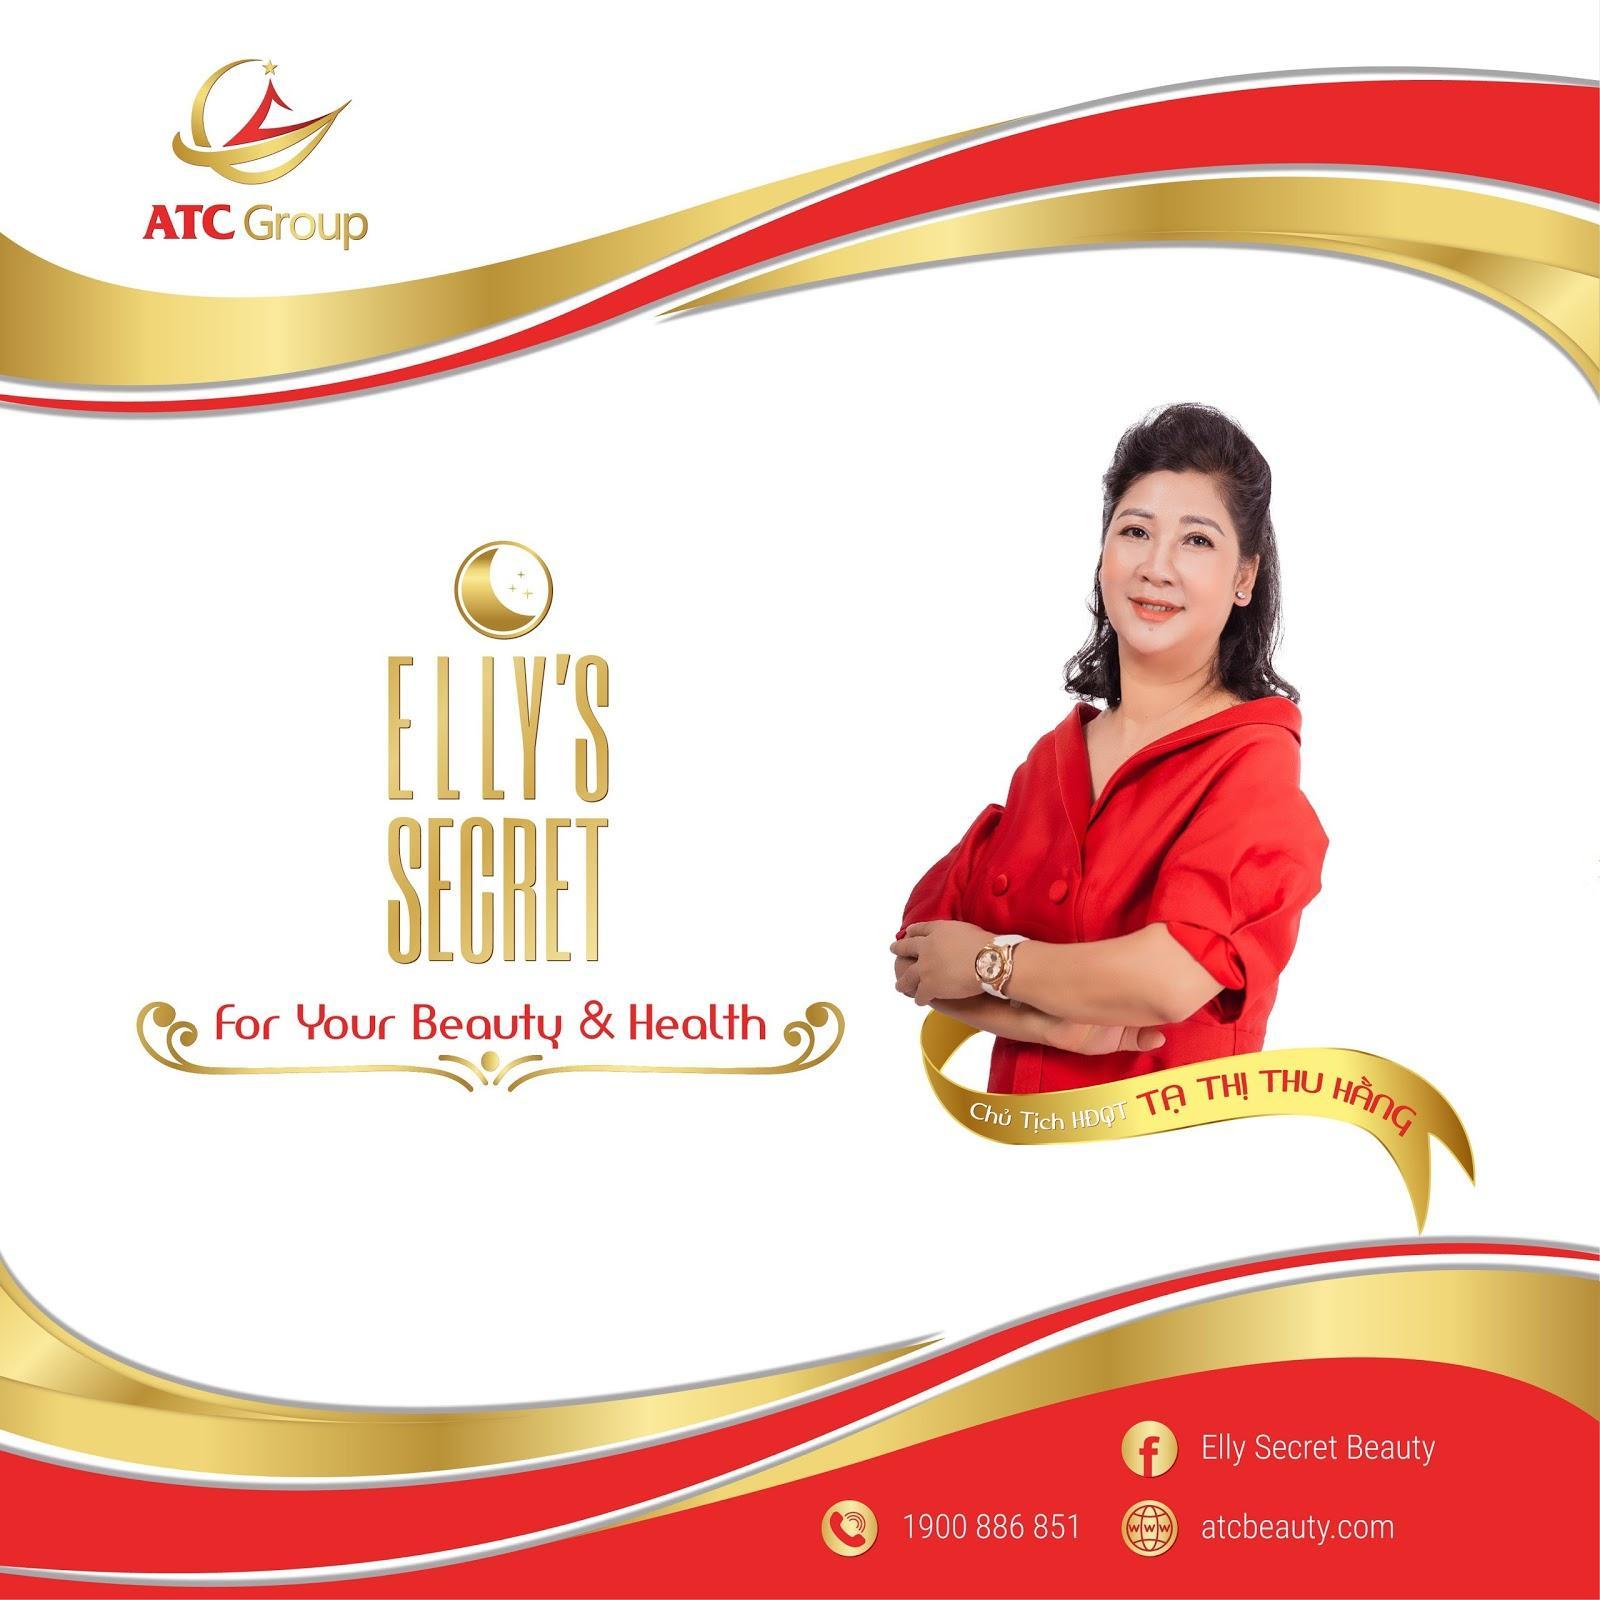 ATC Group trở thành Nhà tài trợ Kim cương tại Hội nghị sức khỏe sắc đẹp  toàn diện và xu hướng ngành làm đẹp 2021 - Ảnh 2